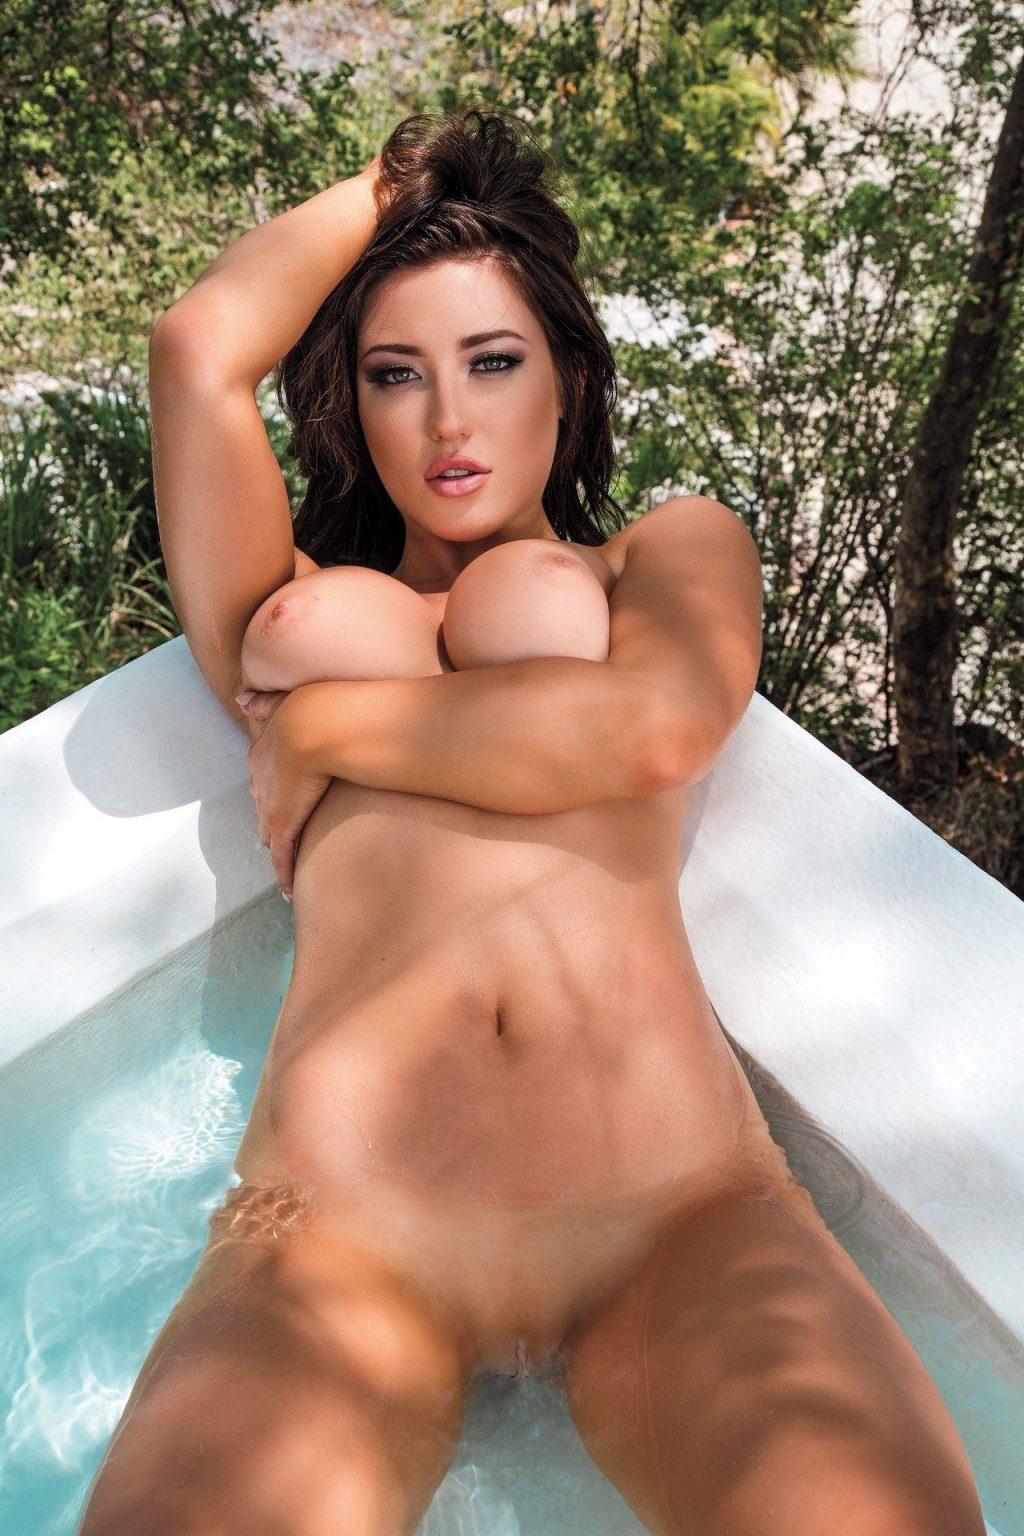 Stefanie knight nude pics